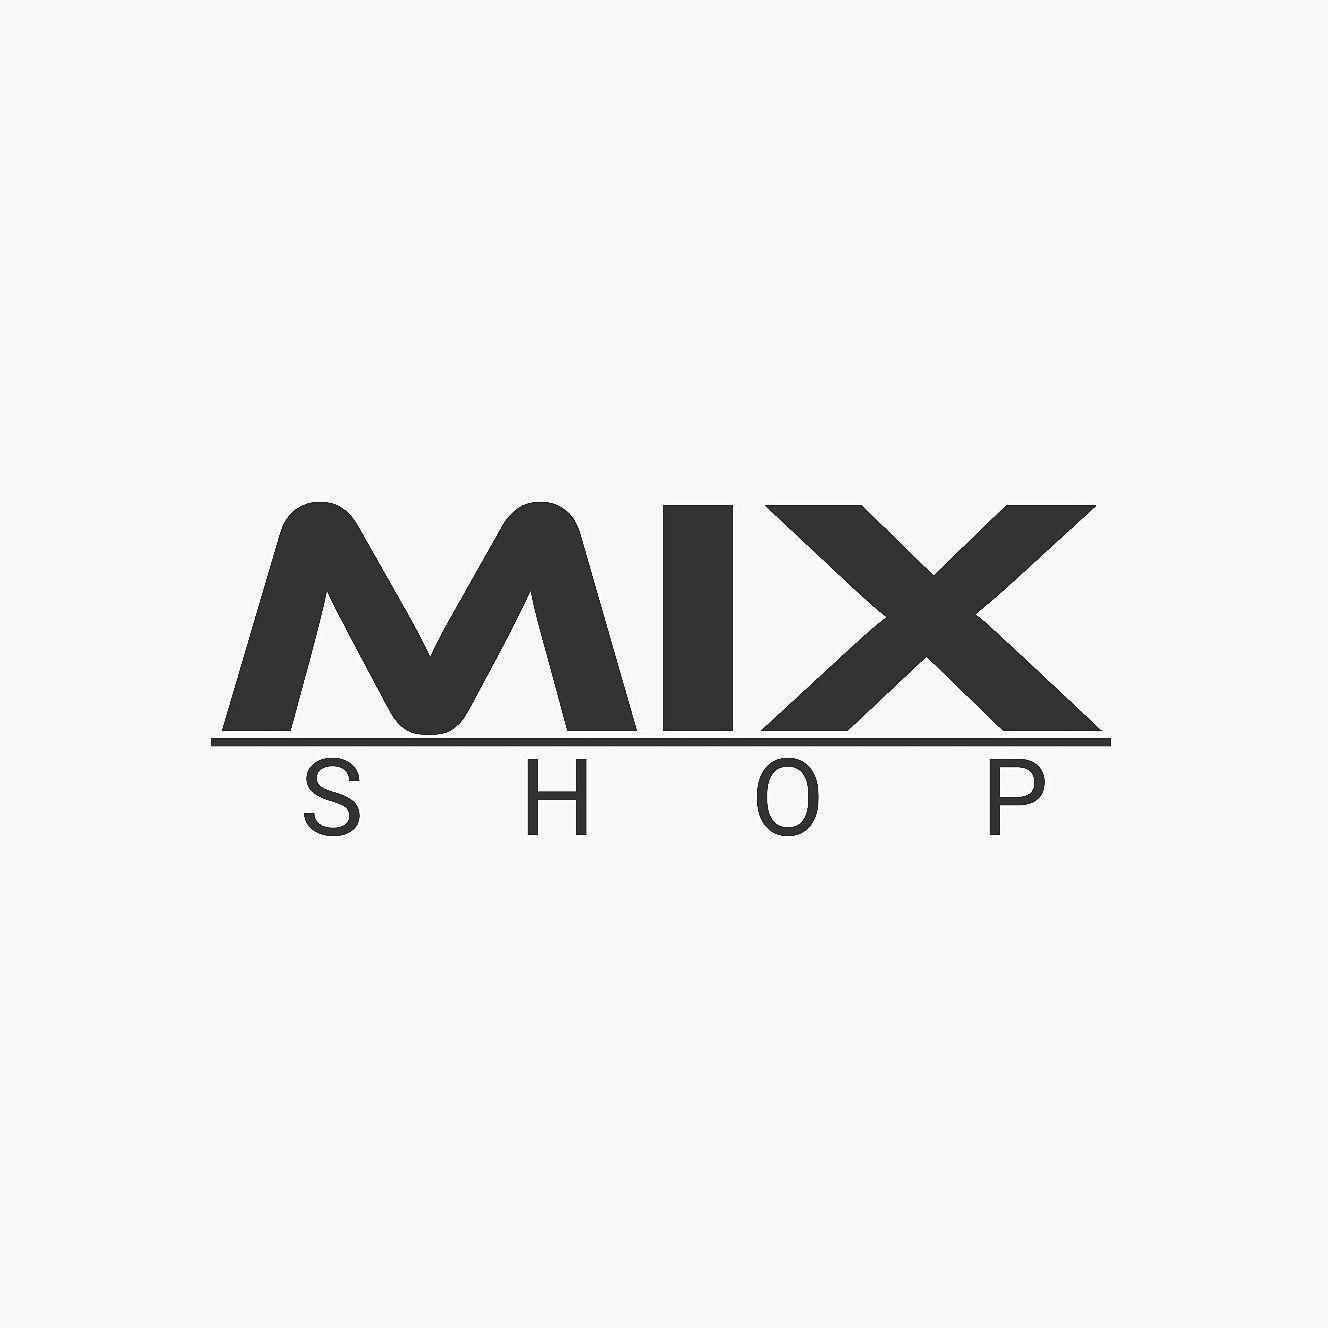 كود الاعلان Uwfyfe4 معلومات عن الإعلان الآن تم إفتتاح متجرنا Mix Shop حيث نقدم لكم كل مايرضيكم ساعات رجالية ونسائية Math Math Equations